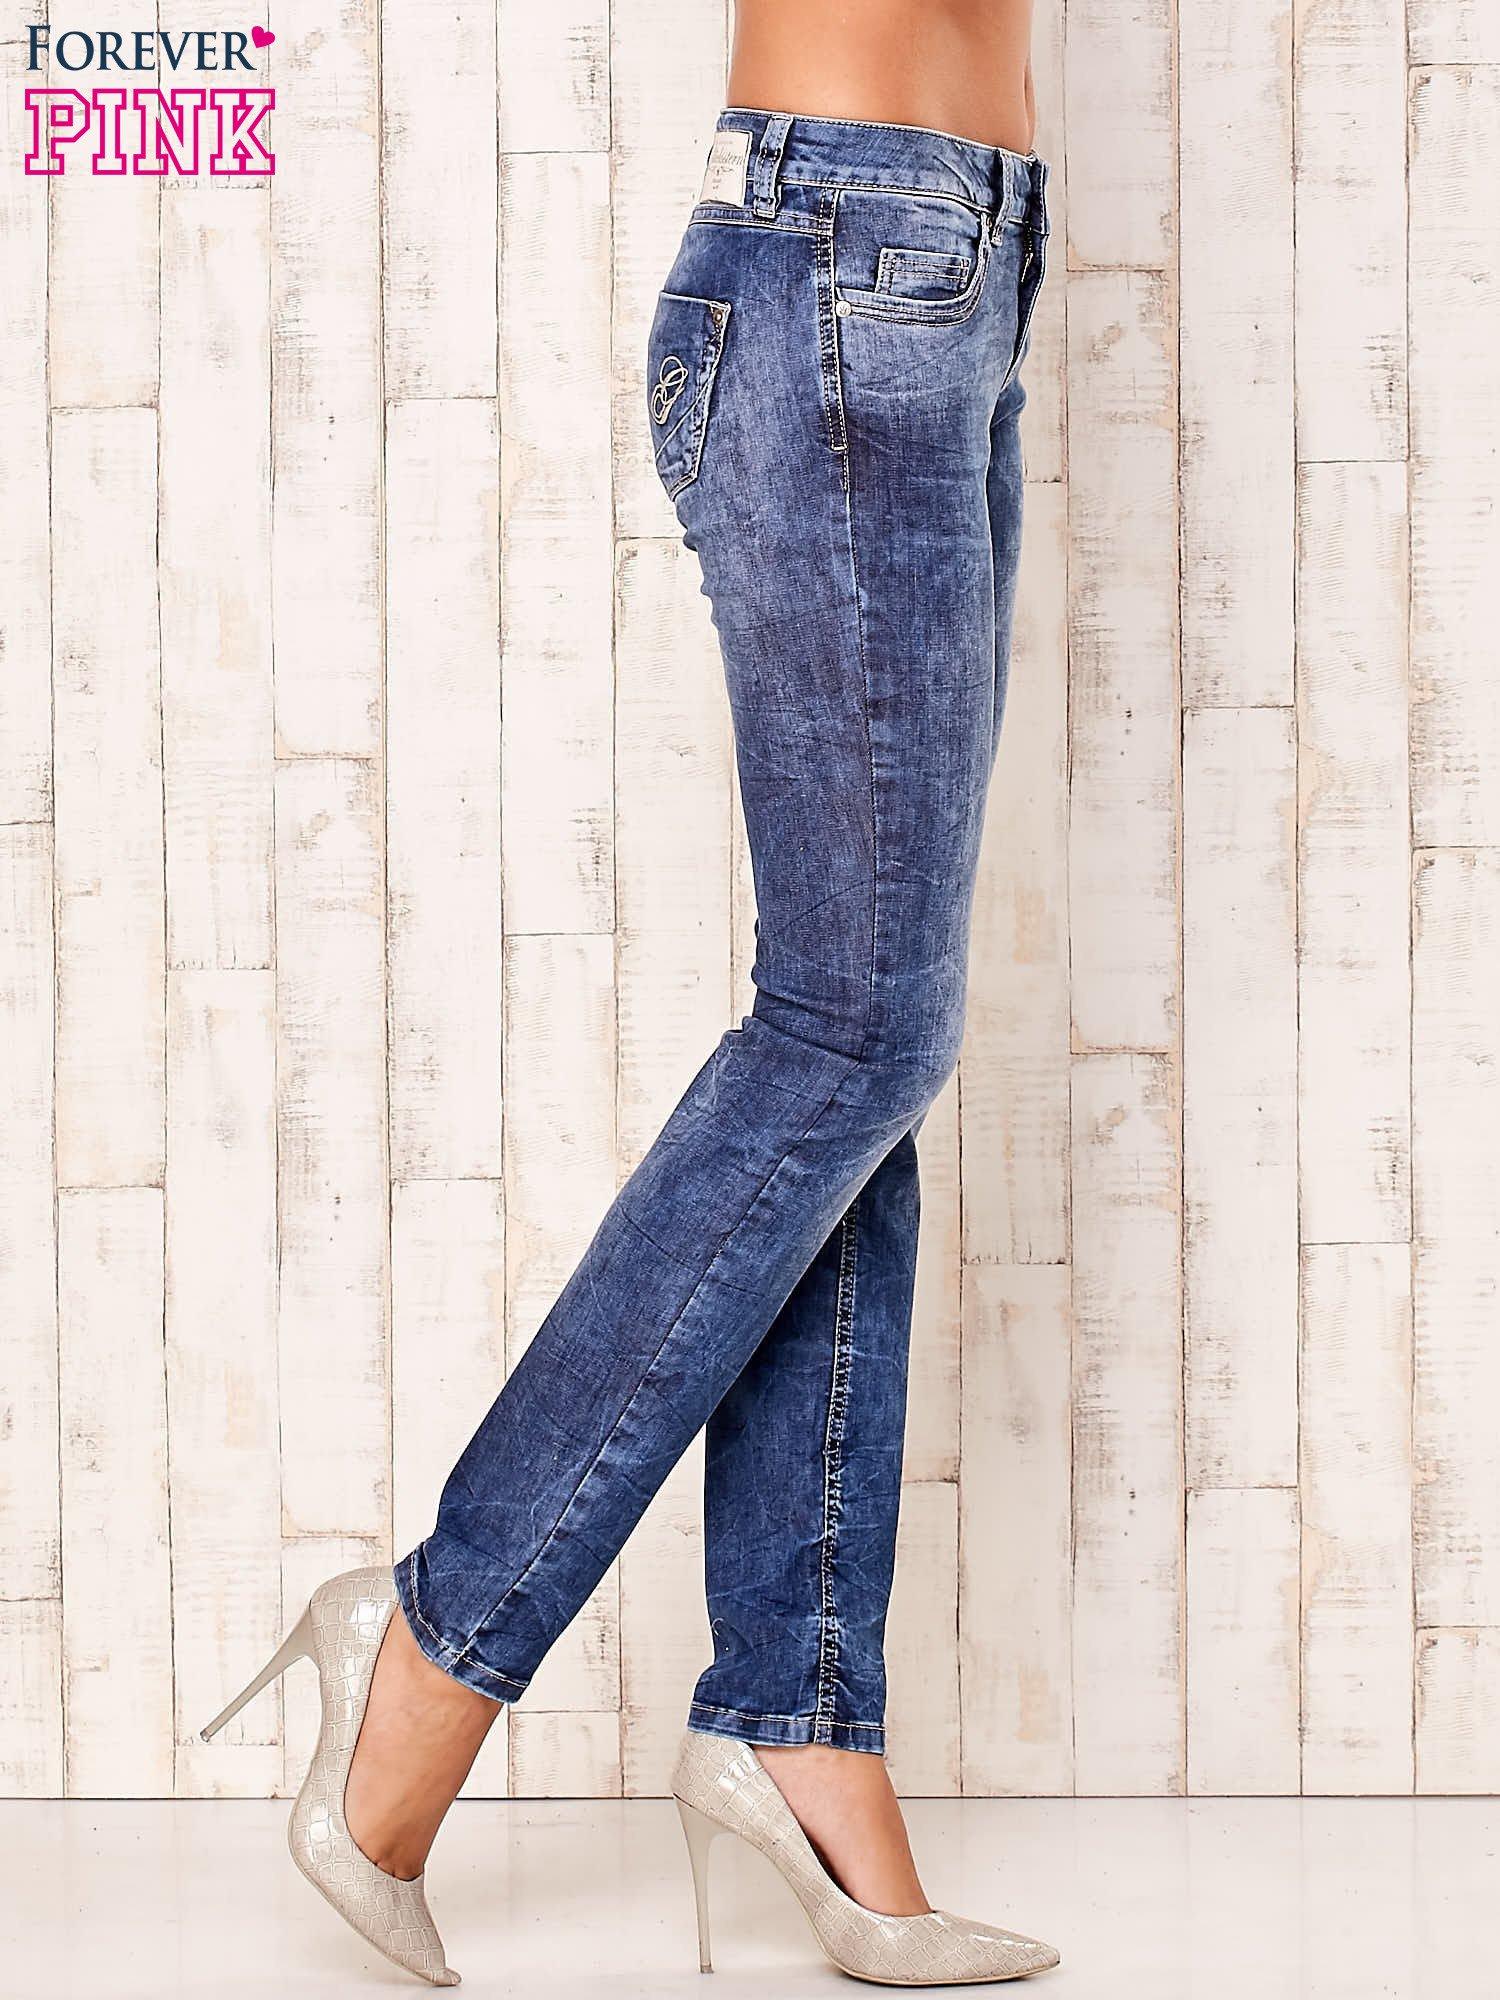 Niebieskie marmurkowe spodnie jeansy                                   zdj.                                  2